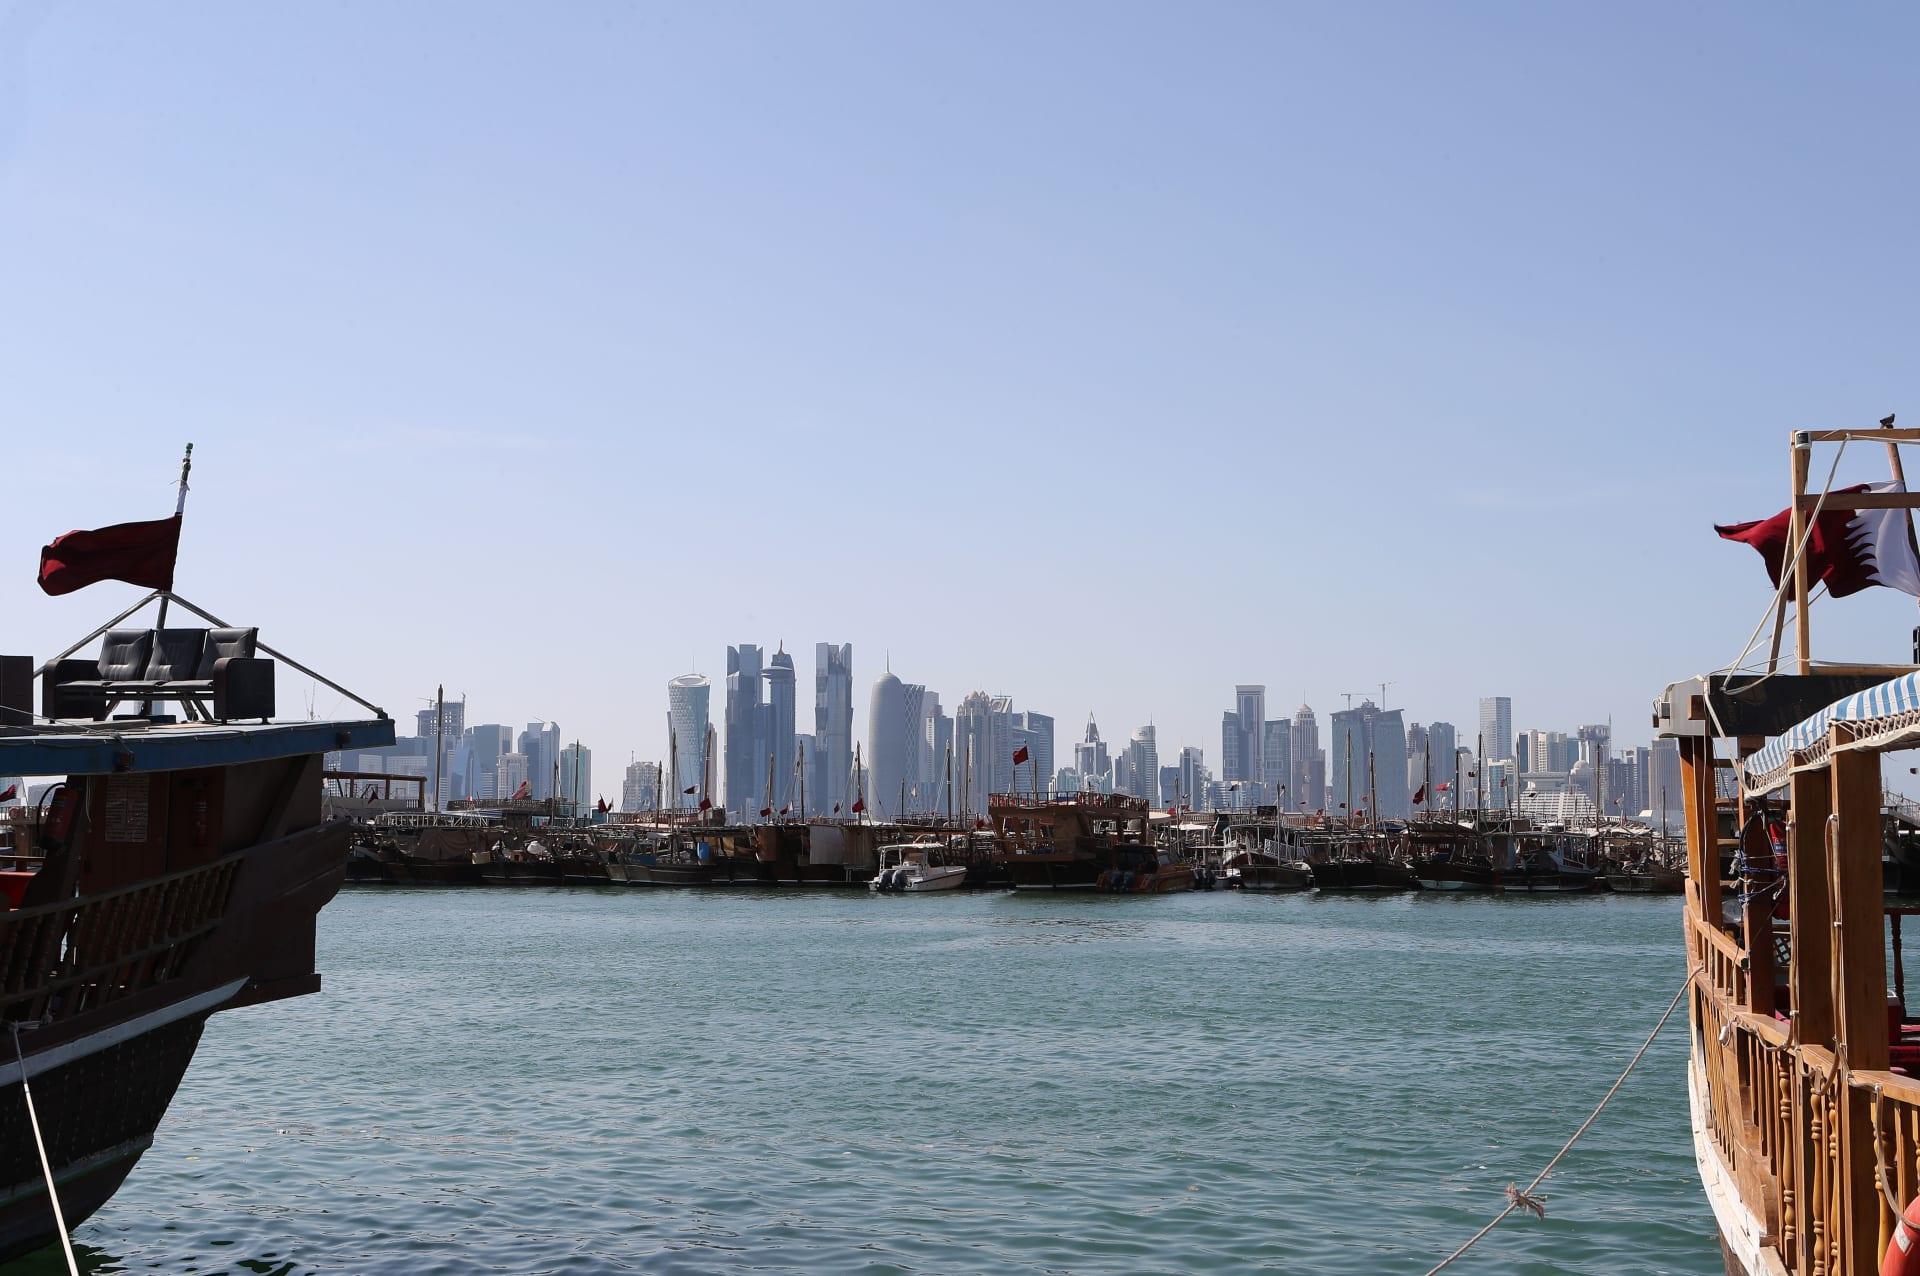 قطر تعلن عن قوائمها الوطنية للإرهاب.. قرقاش يعلق: تؤكد الأدلة ضدها